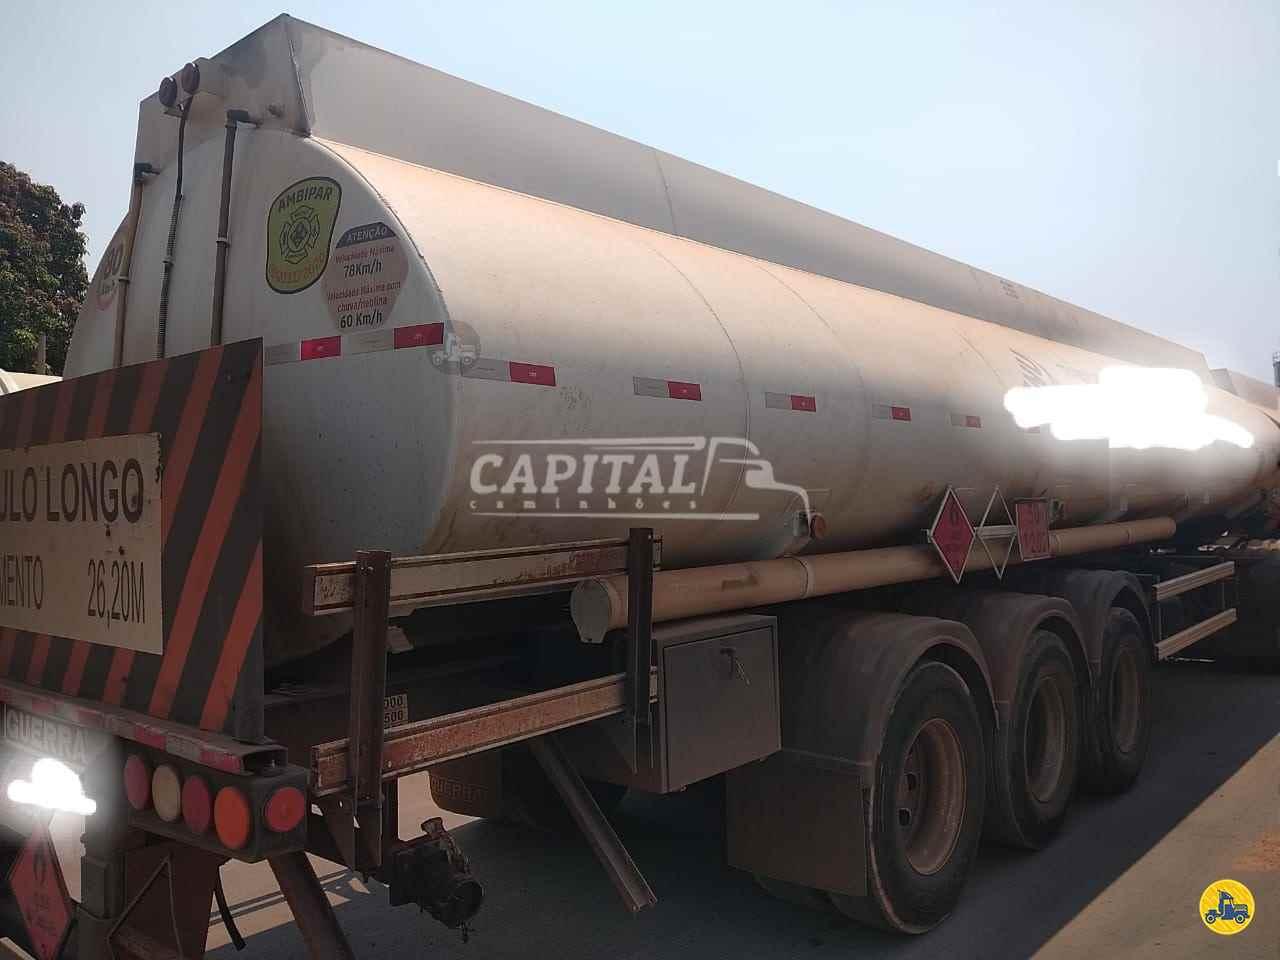 CARRETA BITREM 9 EIXOS TANQUE AÇO Capital Caminhões - Metalesp e Recrusul  BRASILIA DISTRITO FEDERAL DF